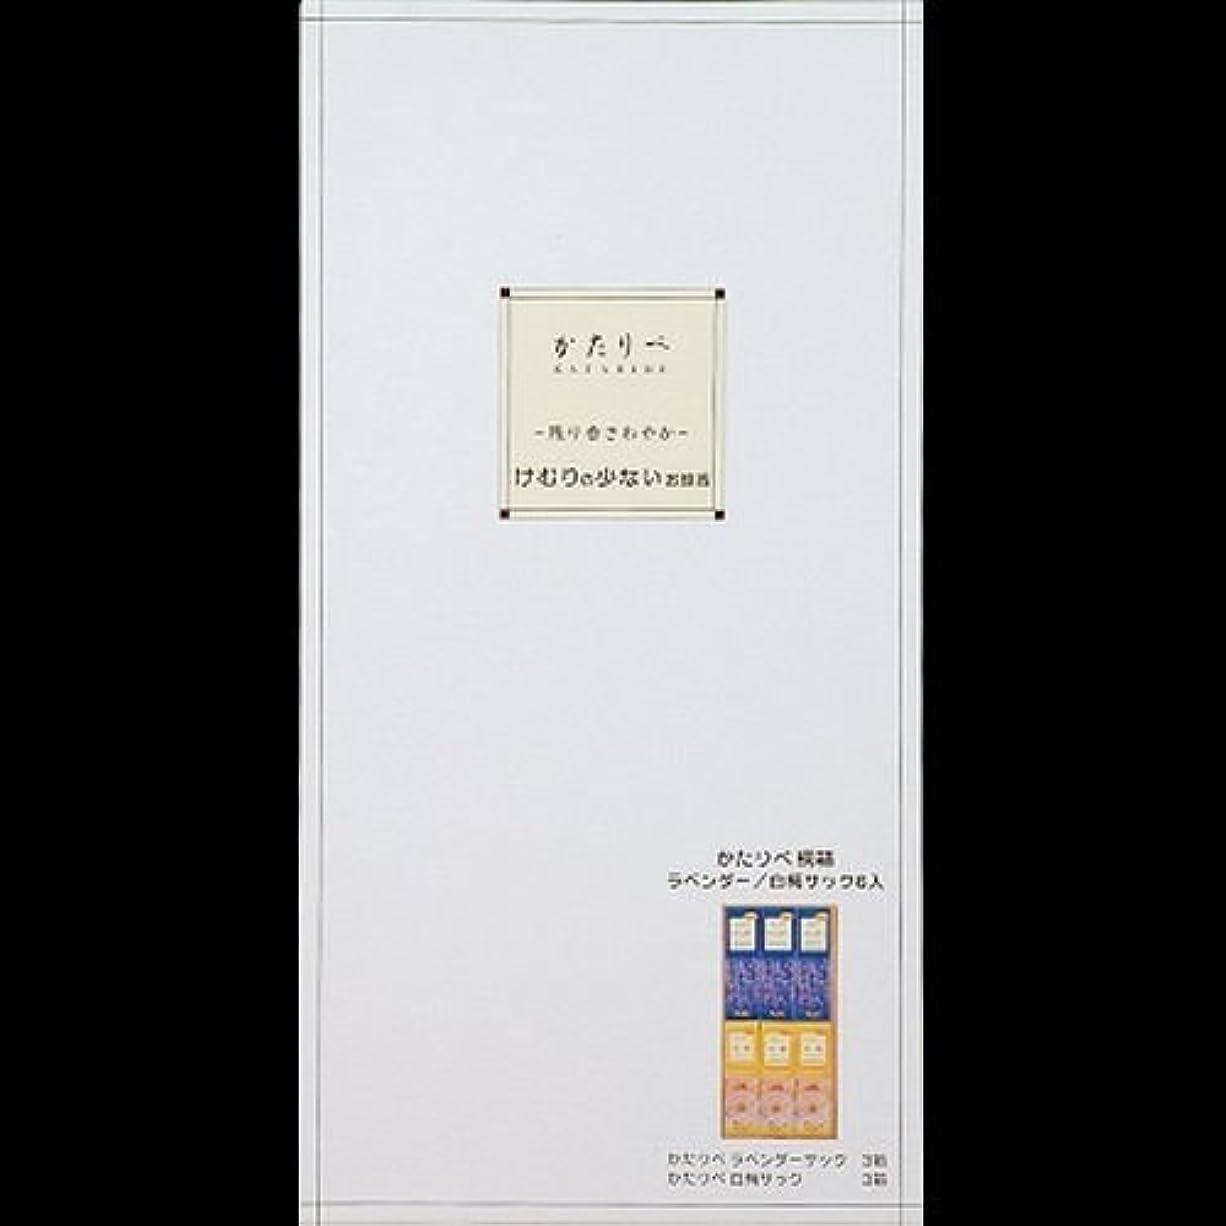 シェルター専門知識分【まとめ買い】かたりべ 桐箱 ラベンダー?白梅 サック6入 ×2セット